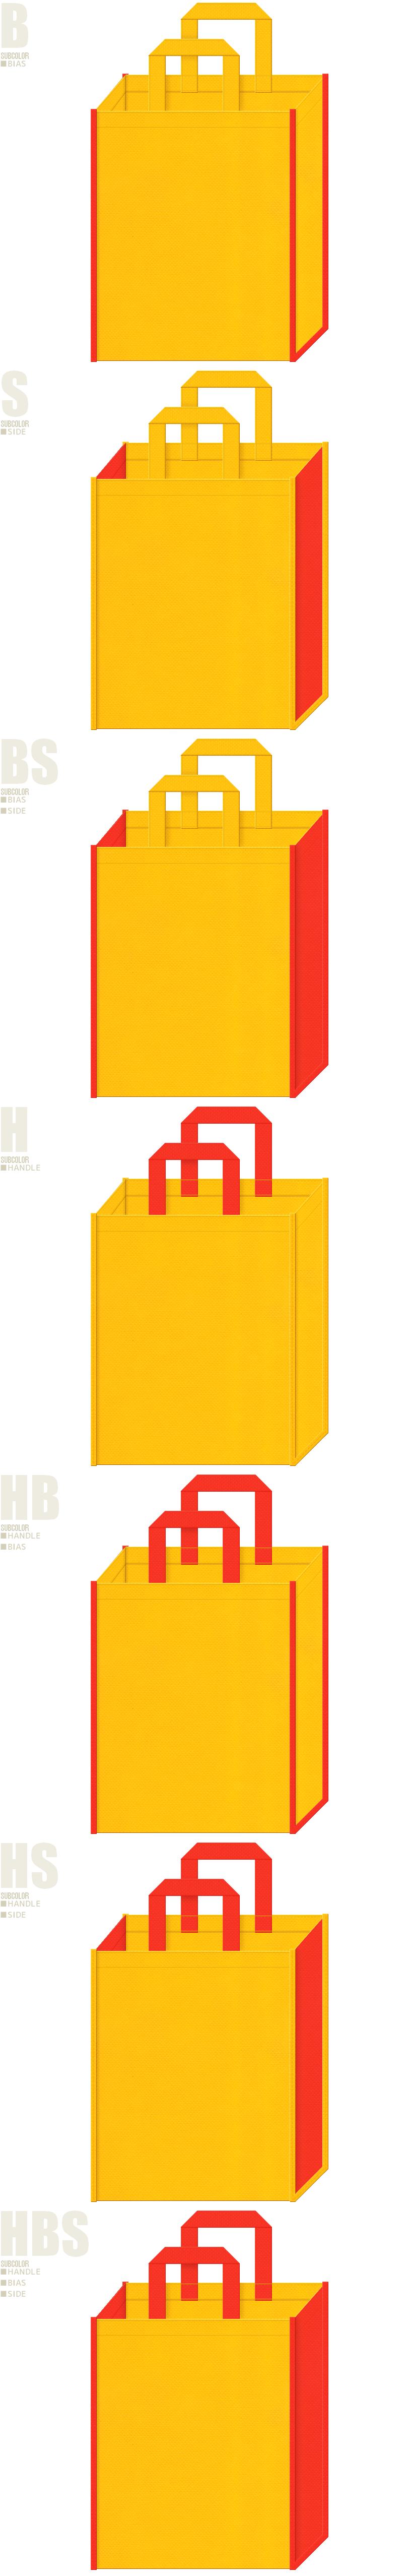 エネルギー・サプリメント・ビタミン・調味料・ランチバッグ・キッチン用品の展示会用バッグにお奨めの不織布バッグデザイン:黄色とオレンジ色の配色7パターン。